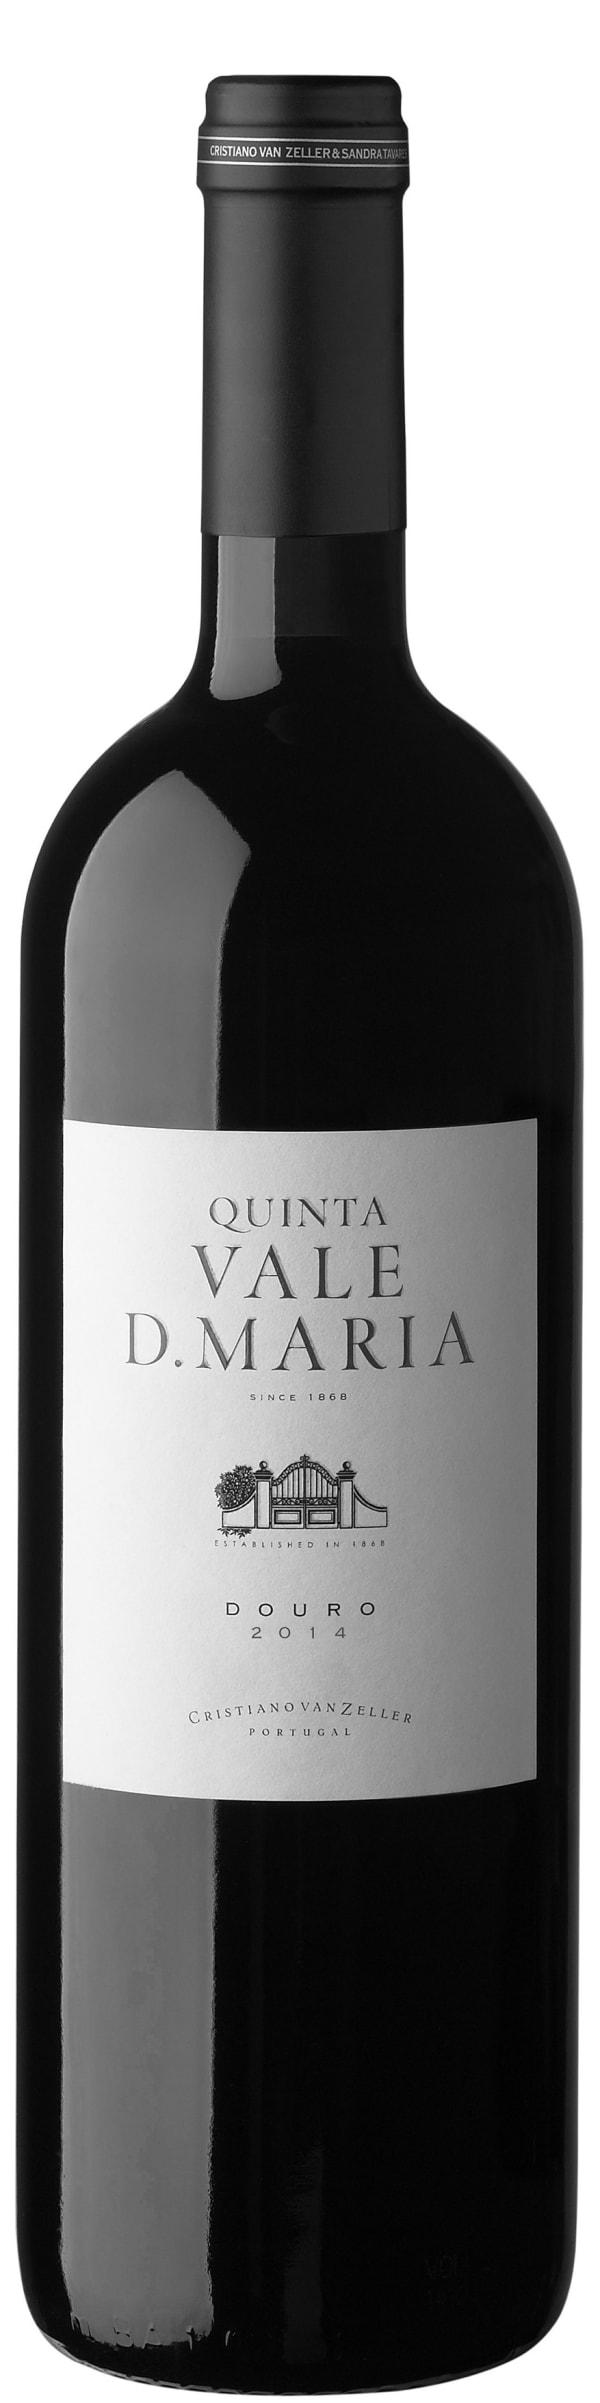 Quinta Vale D. Maria Douro Tinto 2014